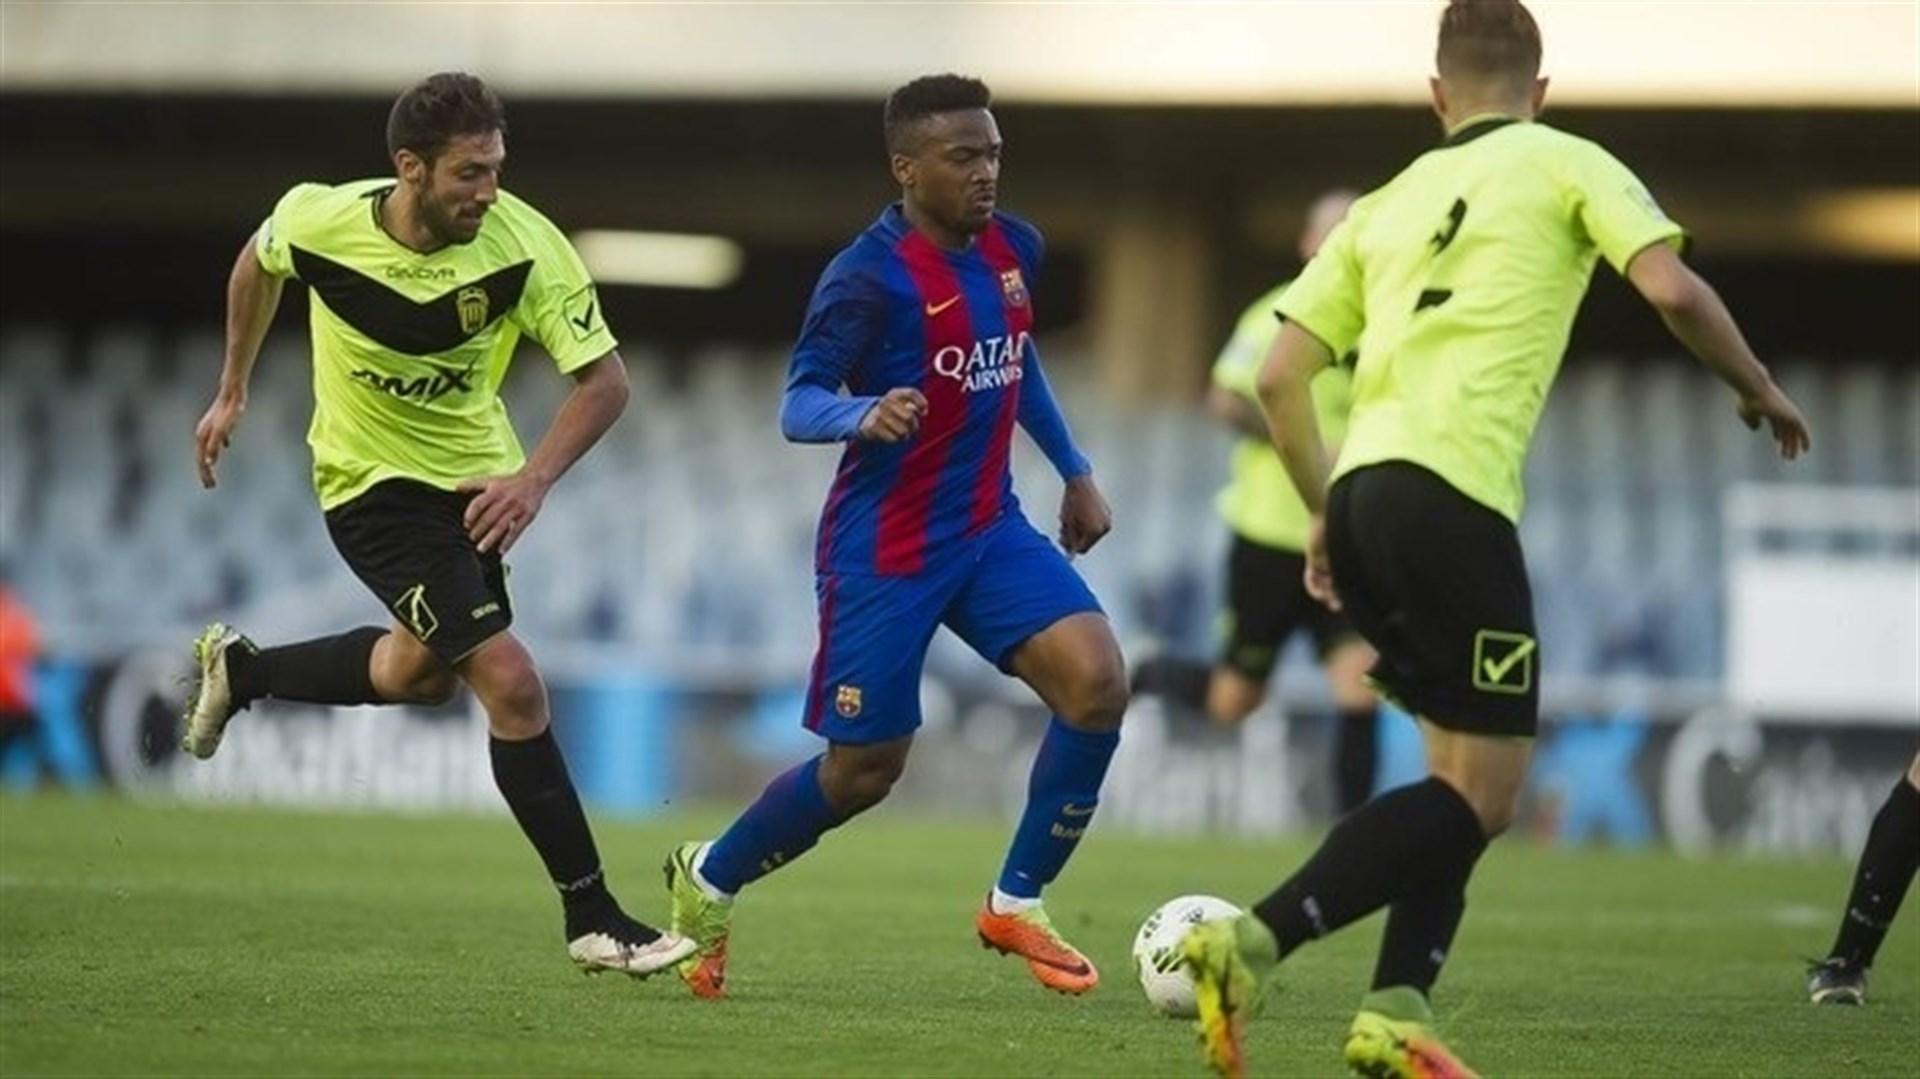 El jugador que destapó el amaño del Eldense cree que los 'vendidos' habrían recibido hasta 200.000 euros